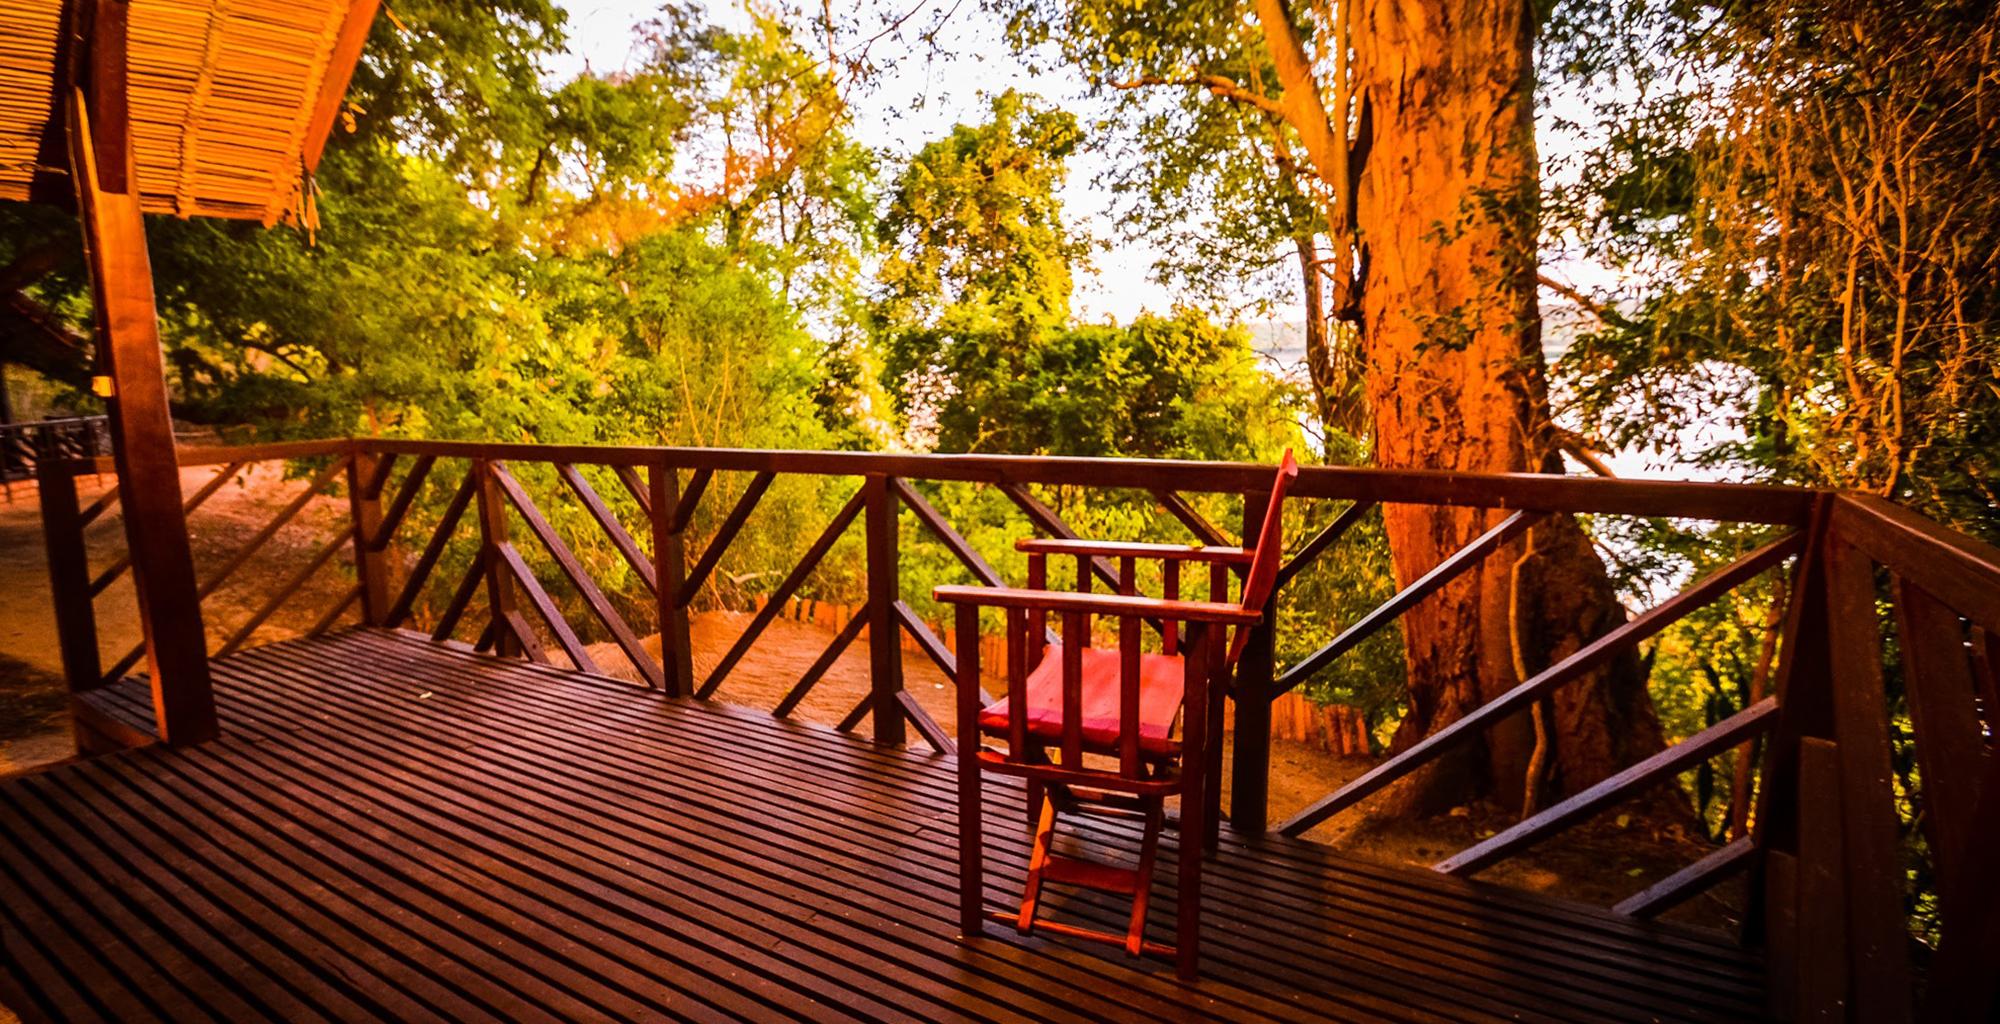 Madagascar-Mandrare-River-Camp-Deck